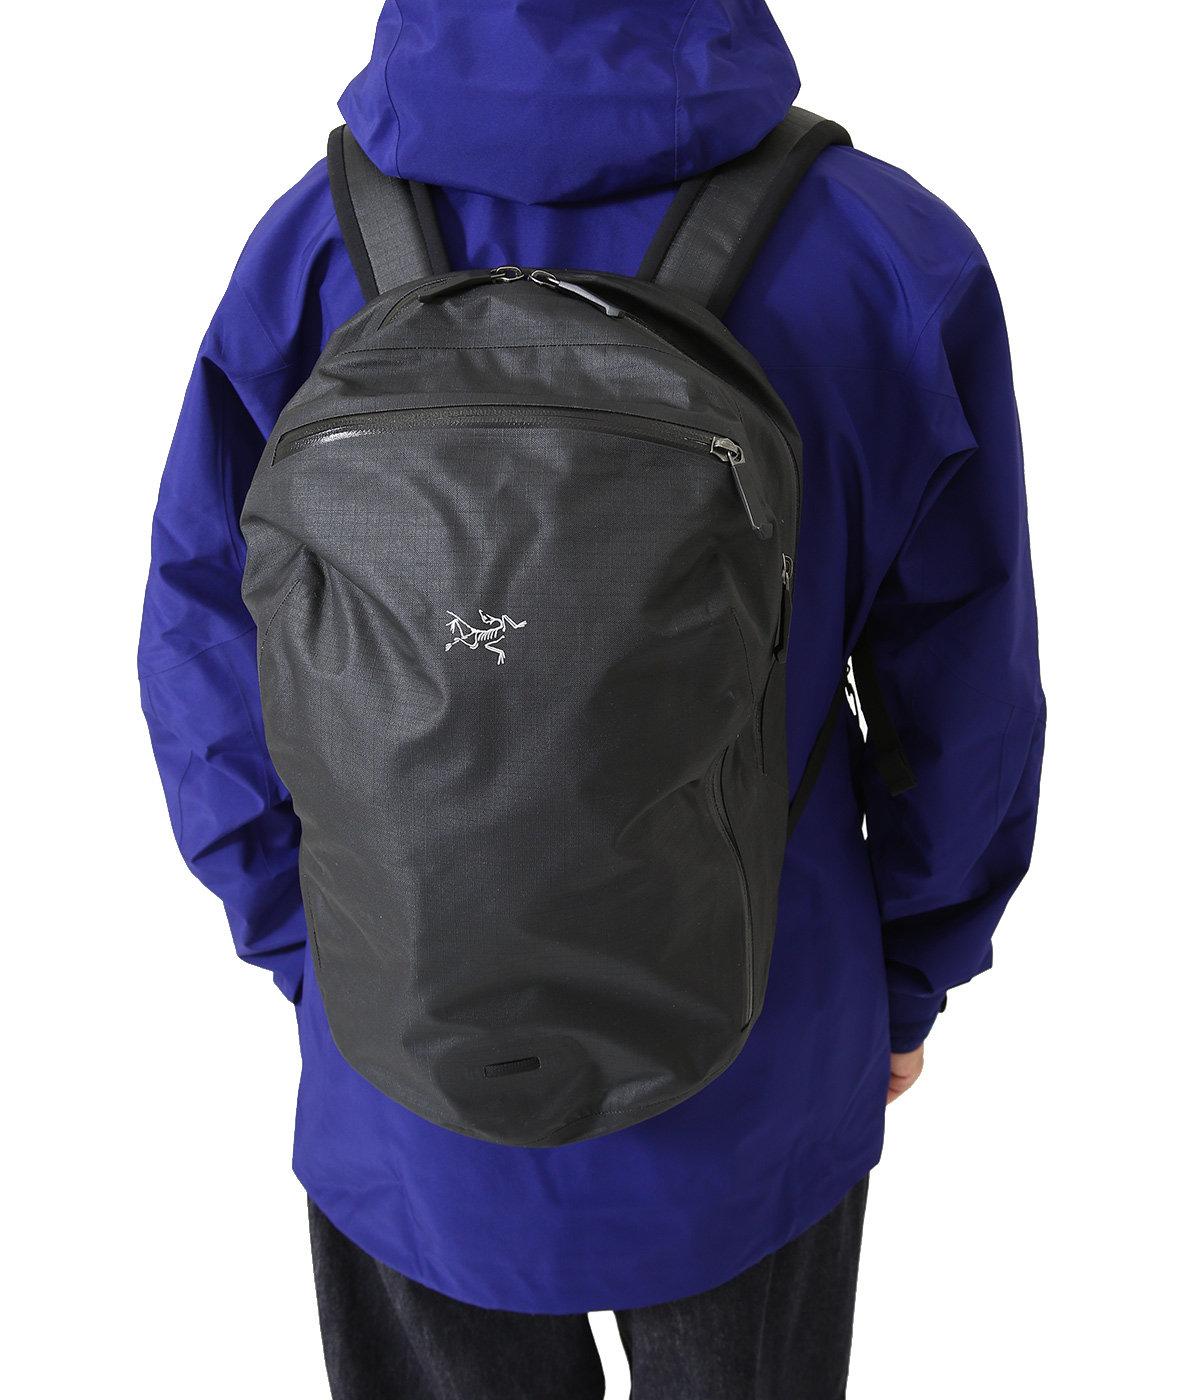 Granville Zip 16 Backpack